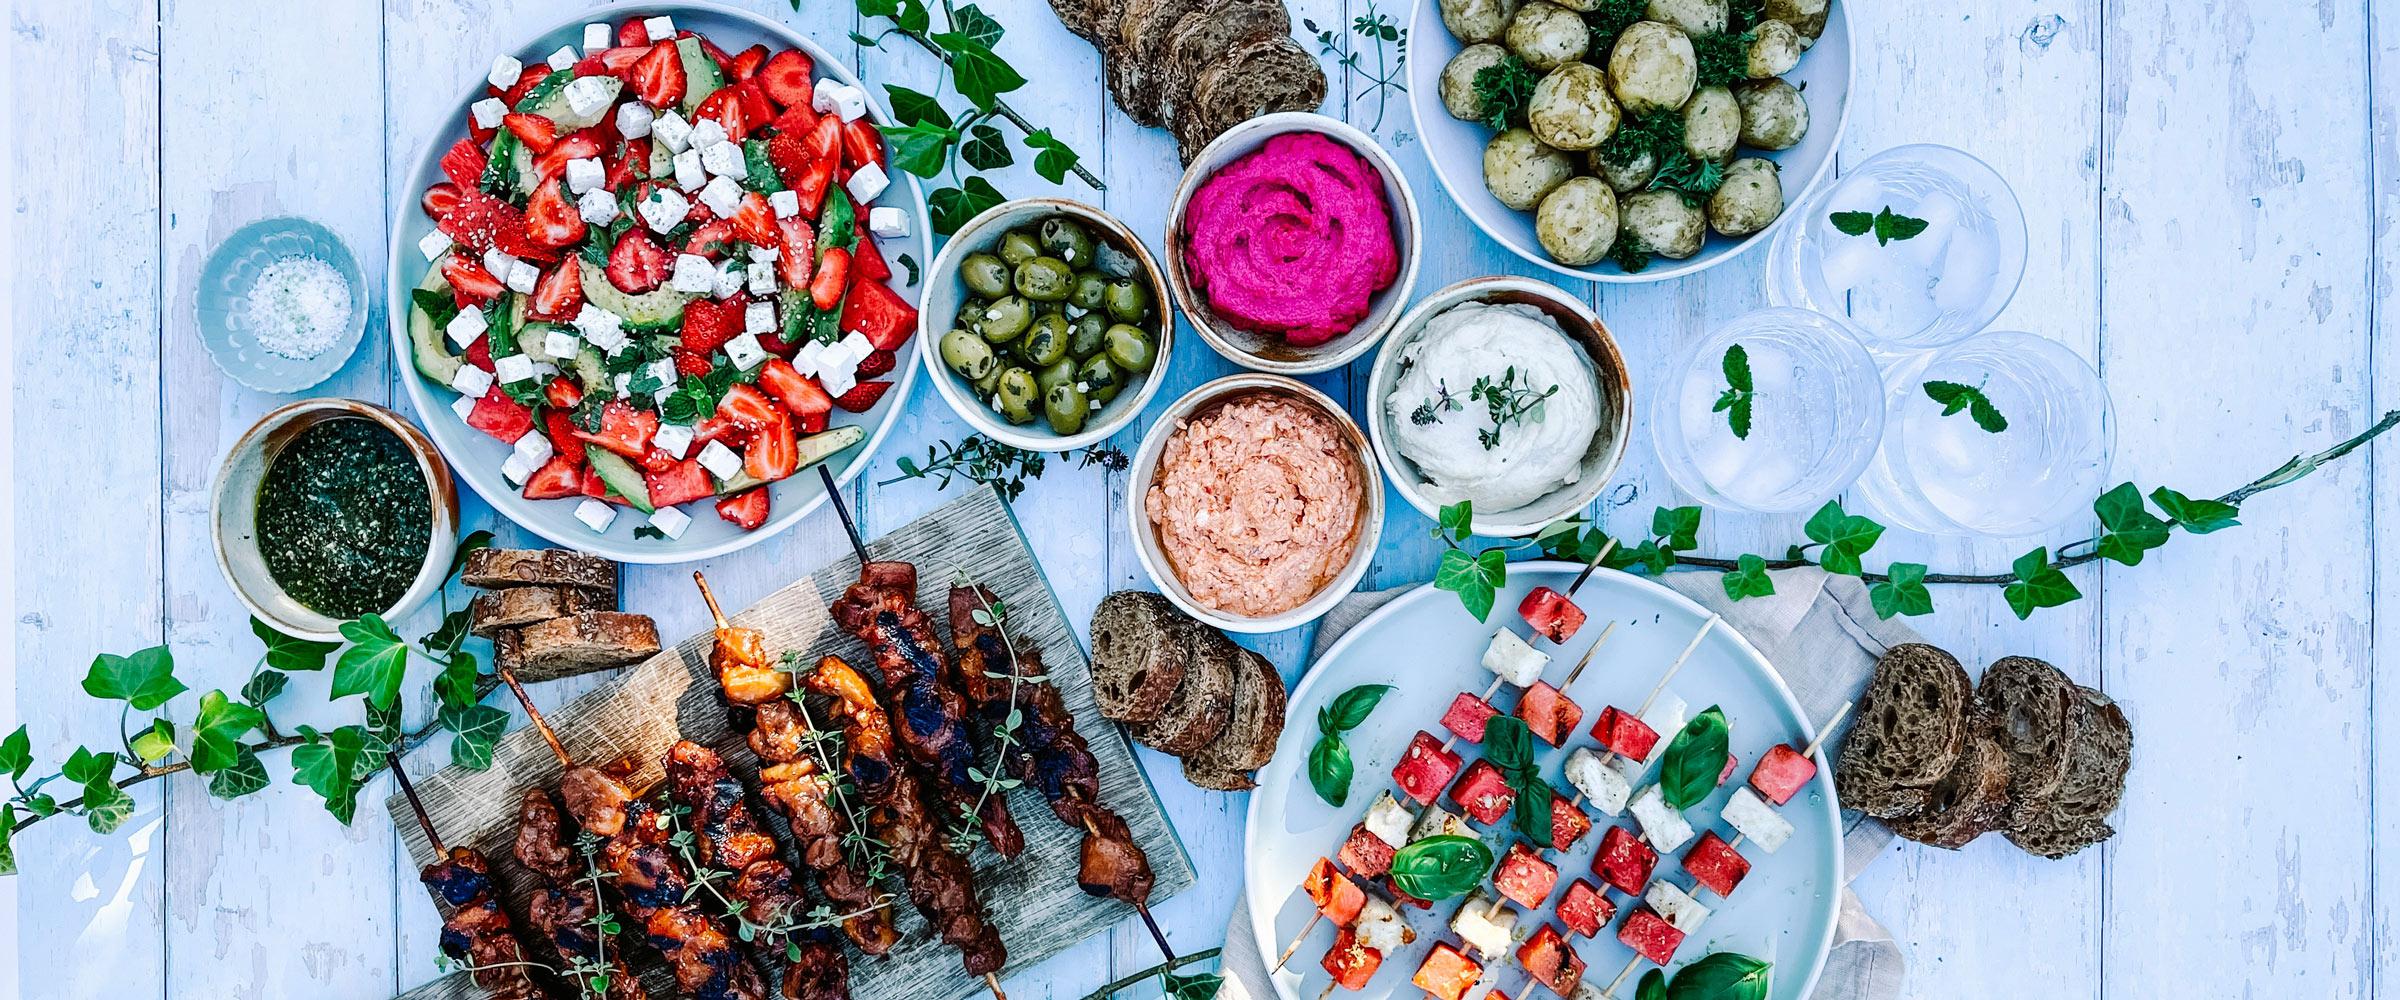 """Intet siger """"sommermad"""" som en tændt grill! Karolines Køkken® byder velkommen til masser af inspiration til grillmaden lige fra appetizers til dessert. Klik her og find inspiration 👈"""